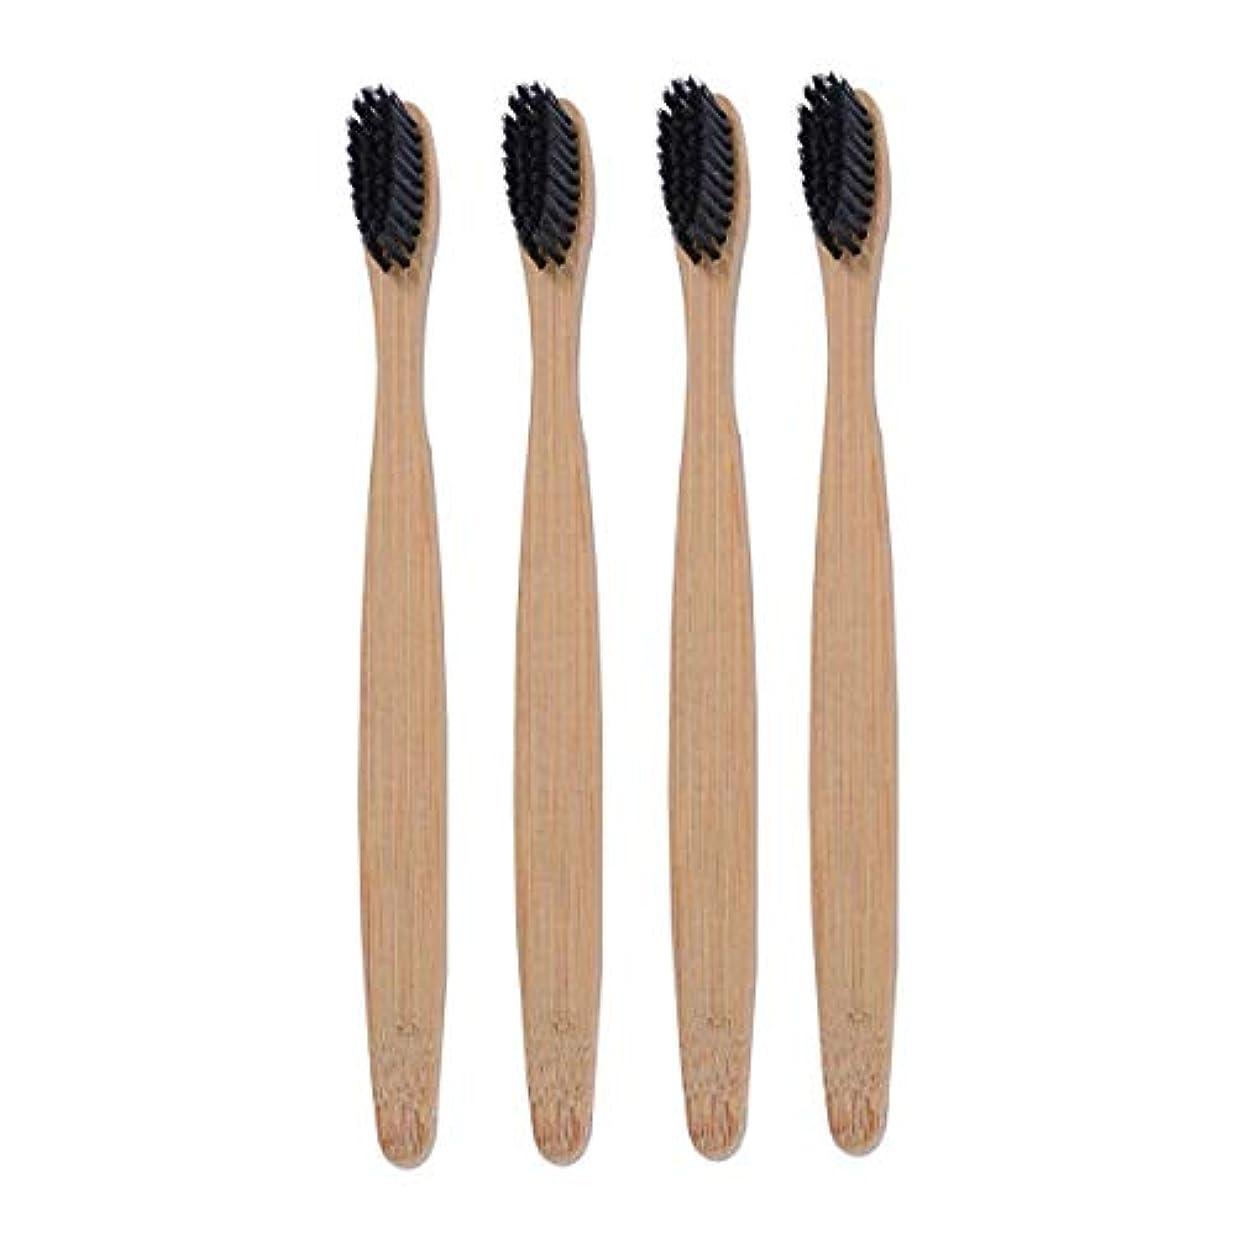 許される腐敗した思いつくROSENICE 竹炭の歯ブラシ使い捨て低炭素歯ブラシ4本(黒)